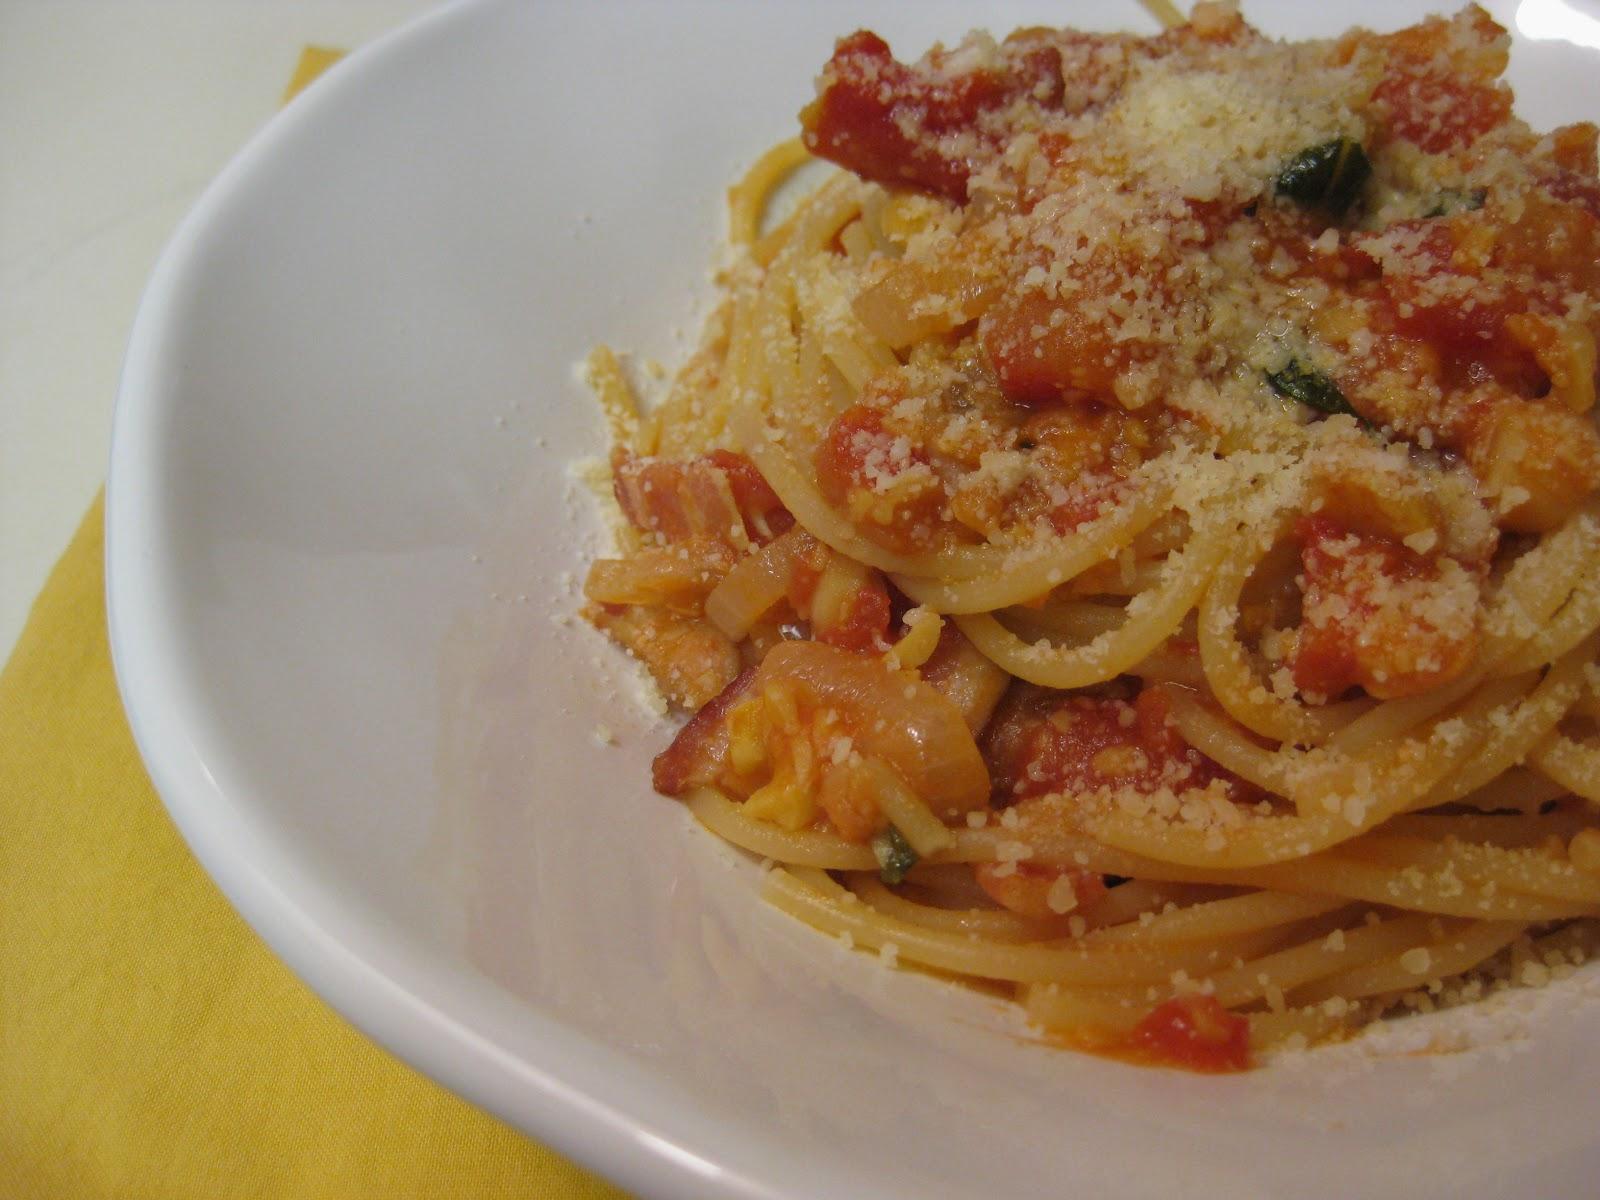 food for scot: Spaghetti with Chickpeas [Spaghetti con Ceci]